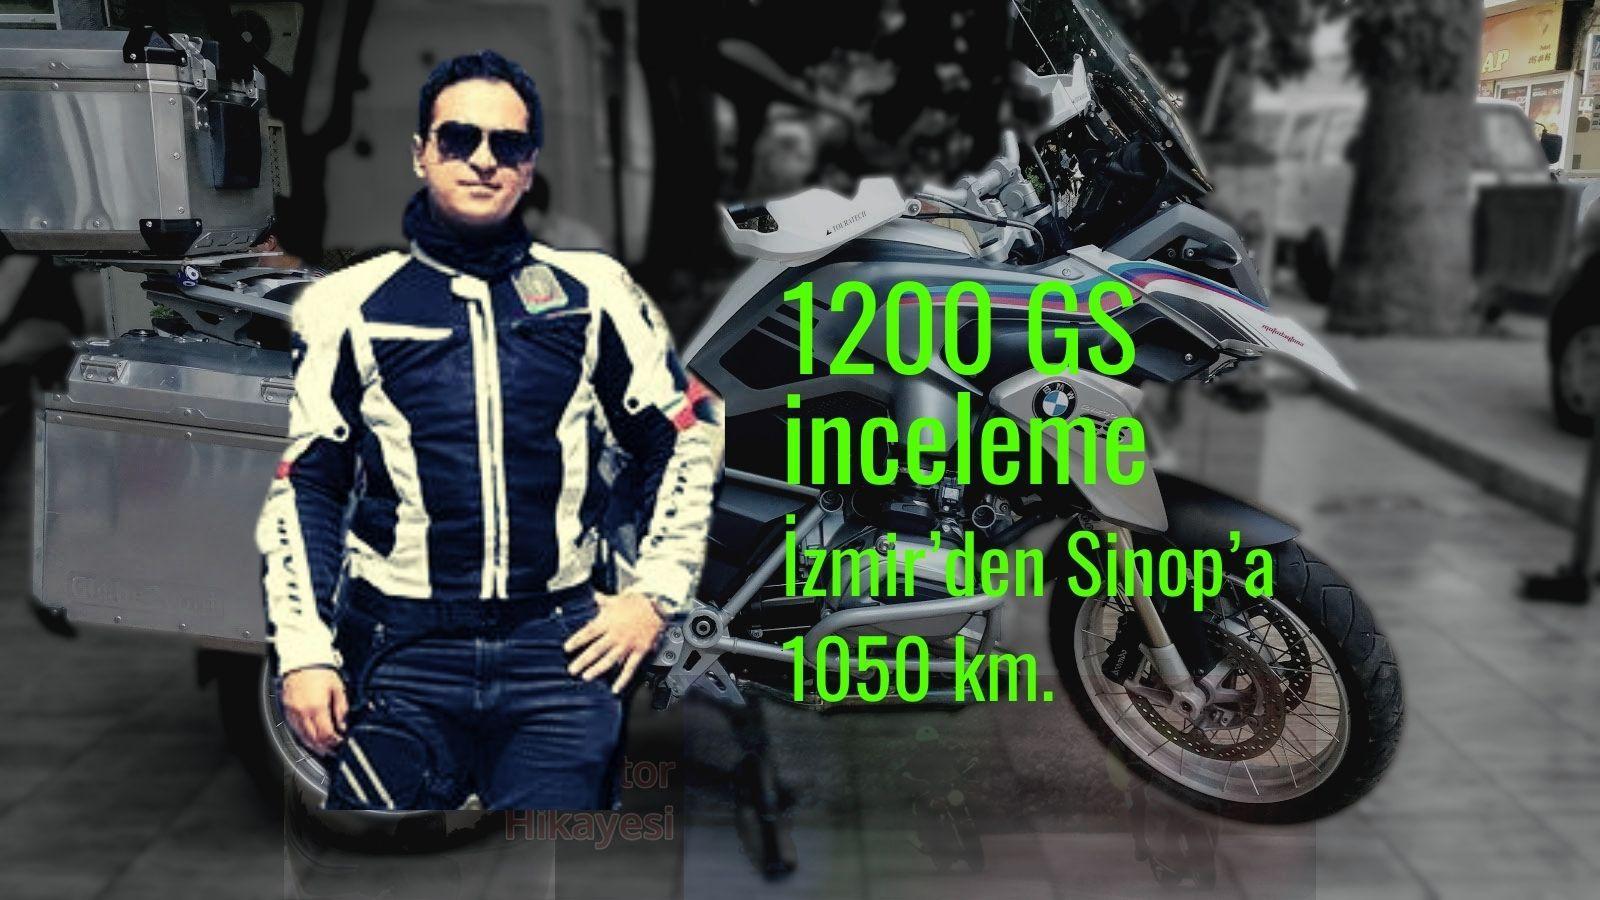 2013 R 1200 GS inceleme: İzmir'den Sinop'a 1050 km.